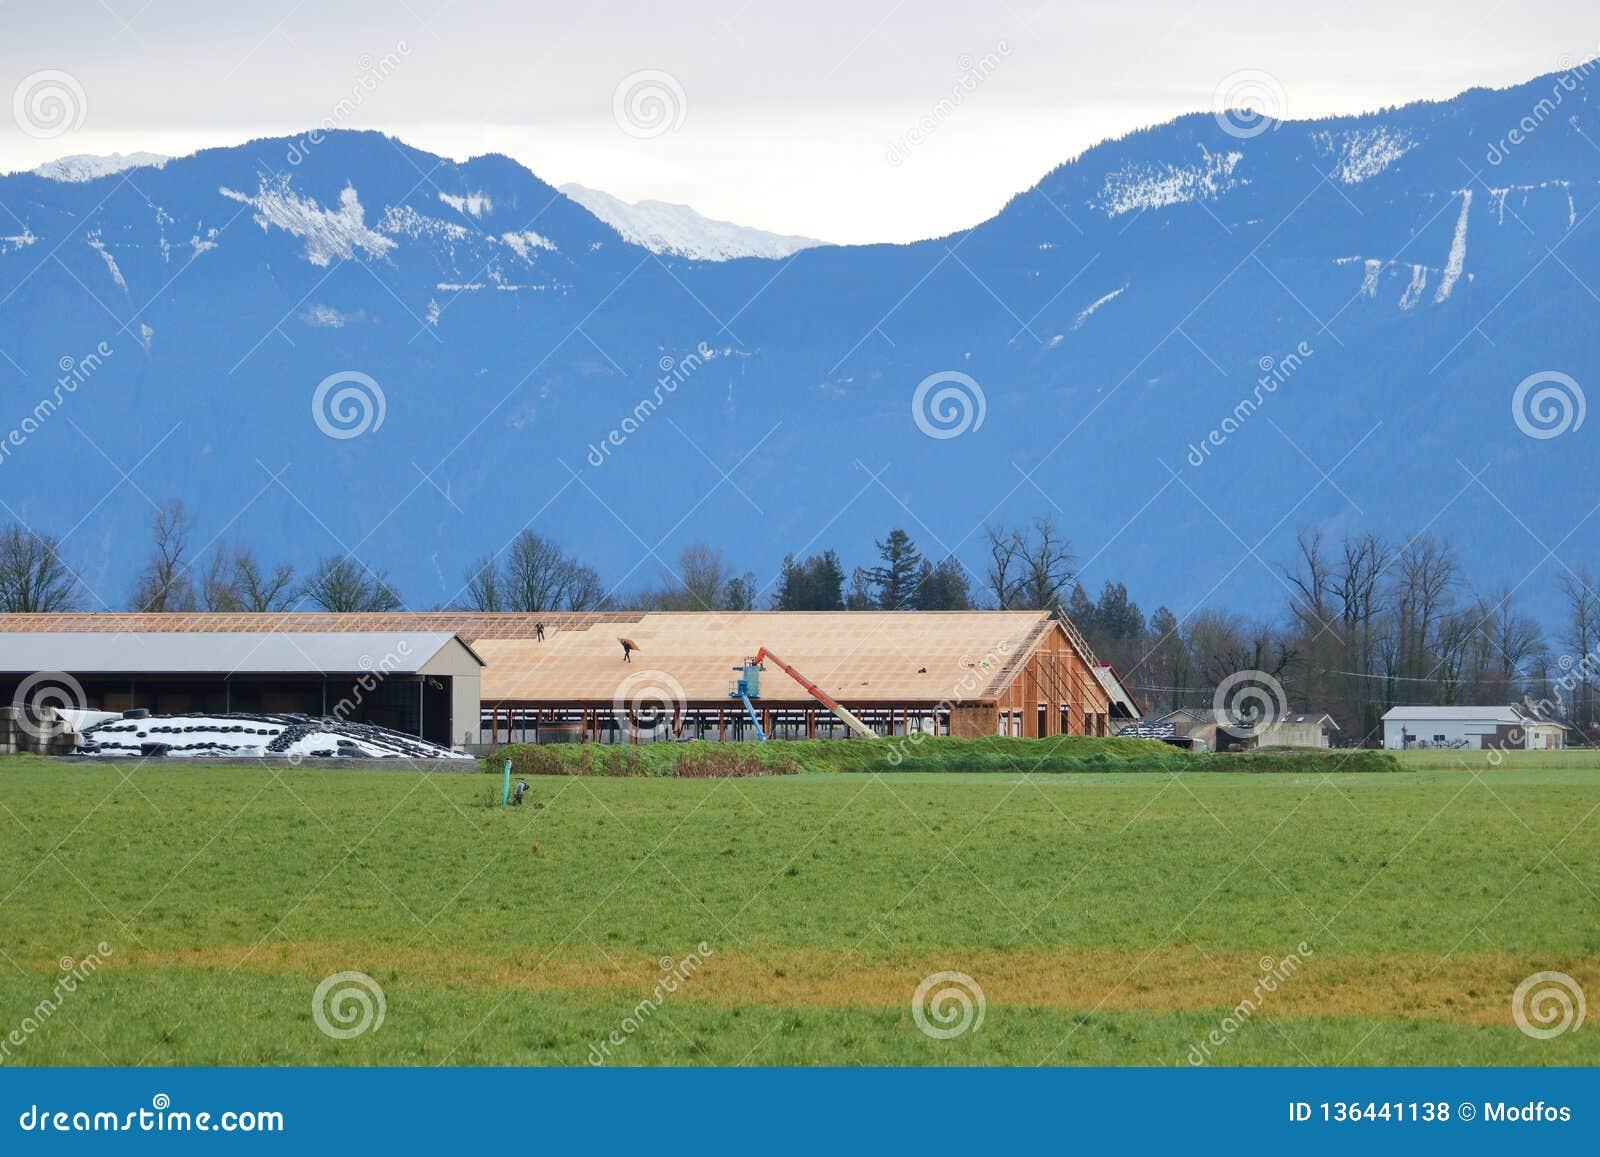 Major Farm Building Construction in Valley